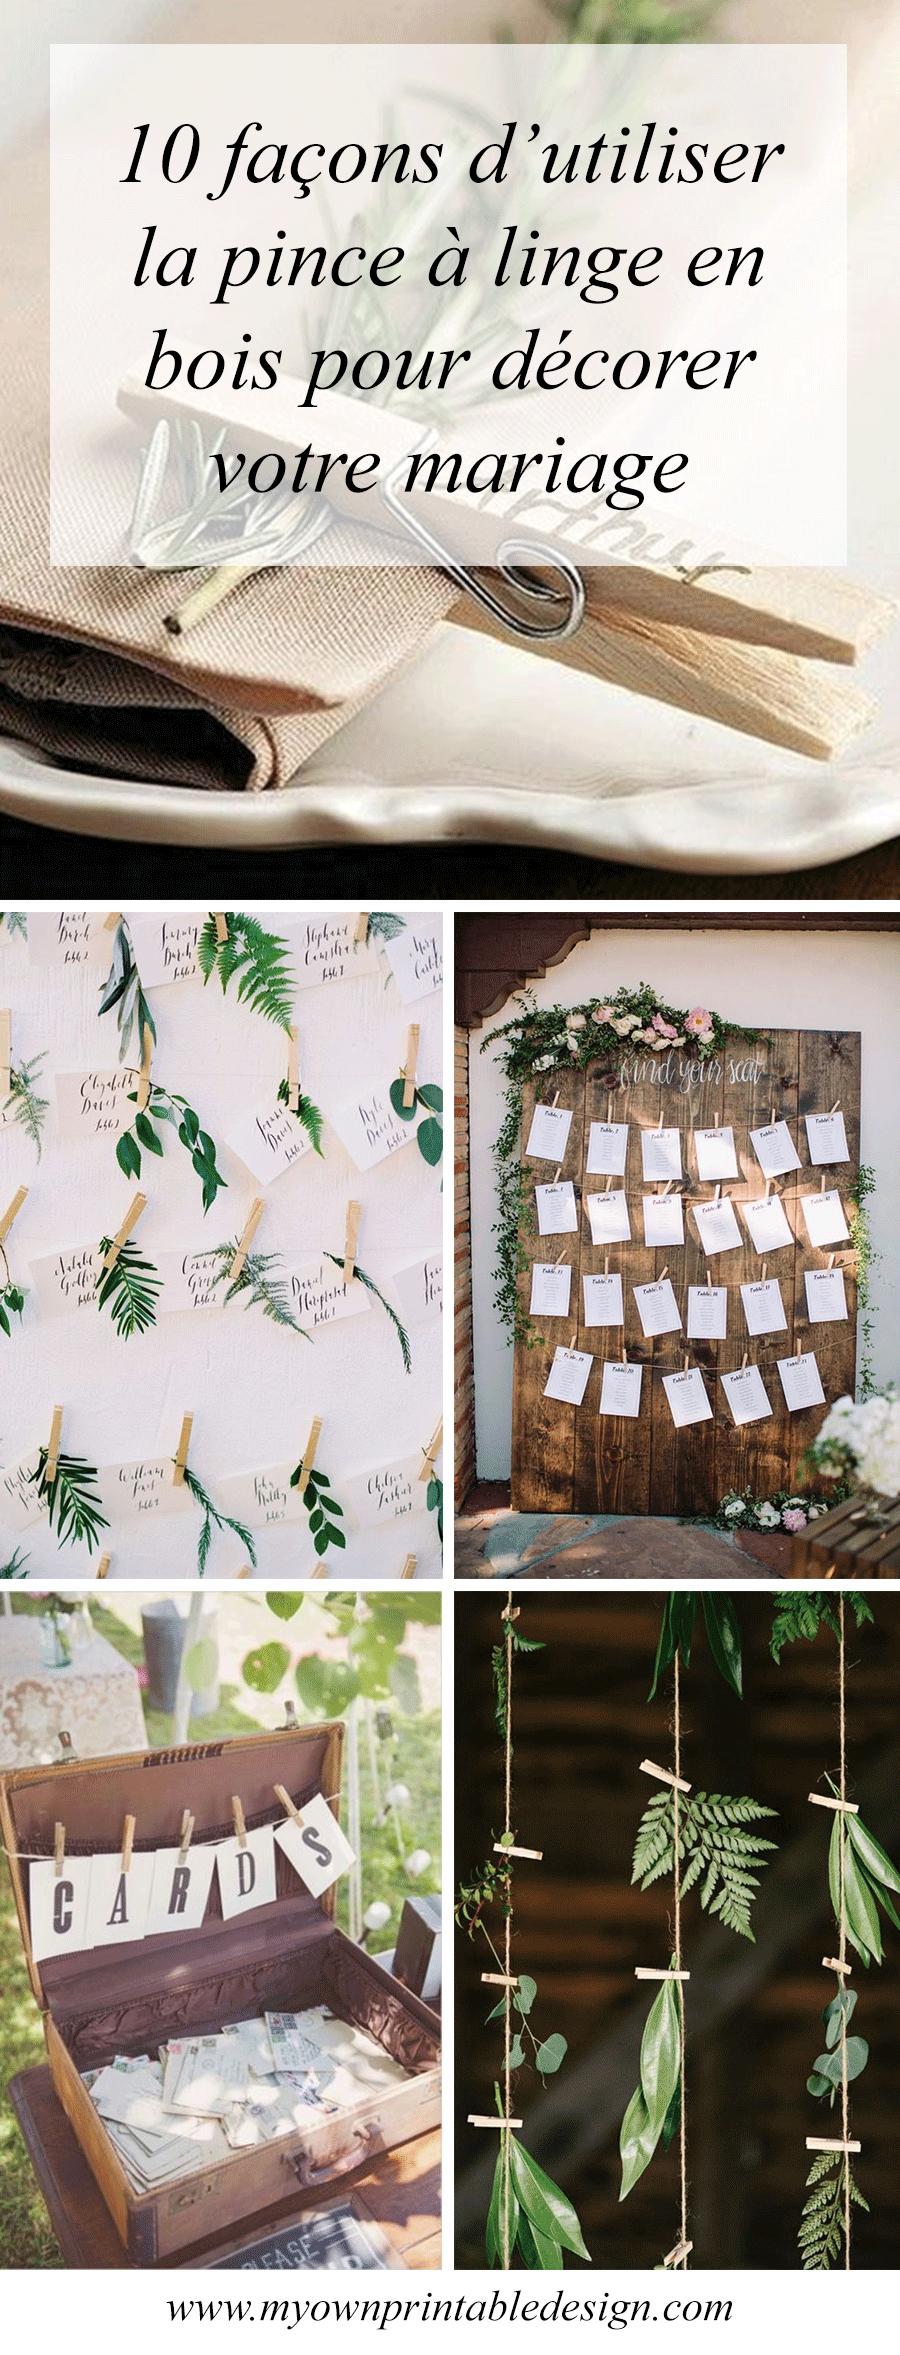 10 fa ons d utiliser la pince linge en bois dans votre d coration de mariage d co vegetale